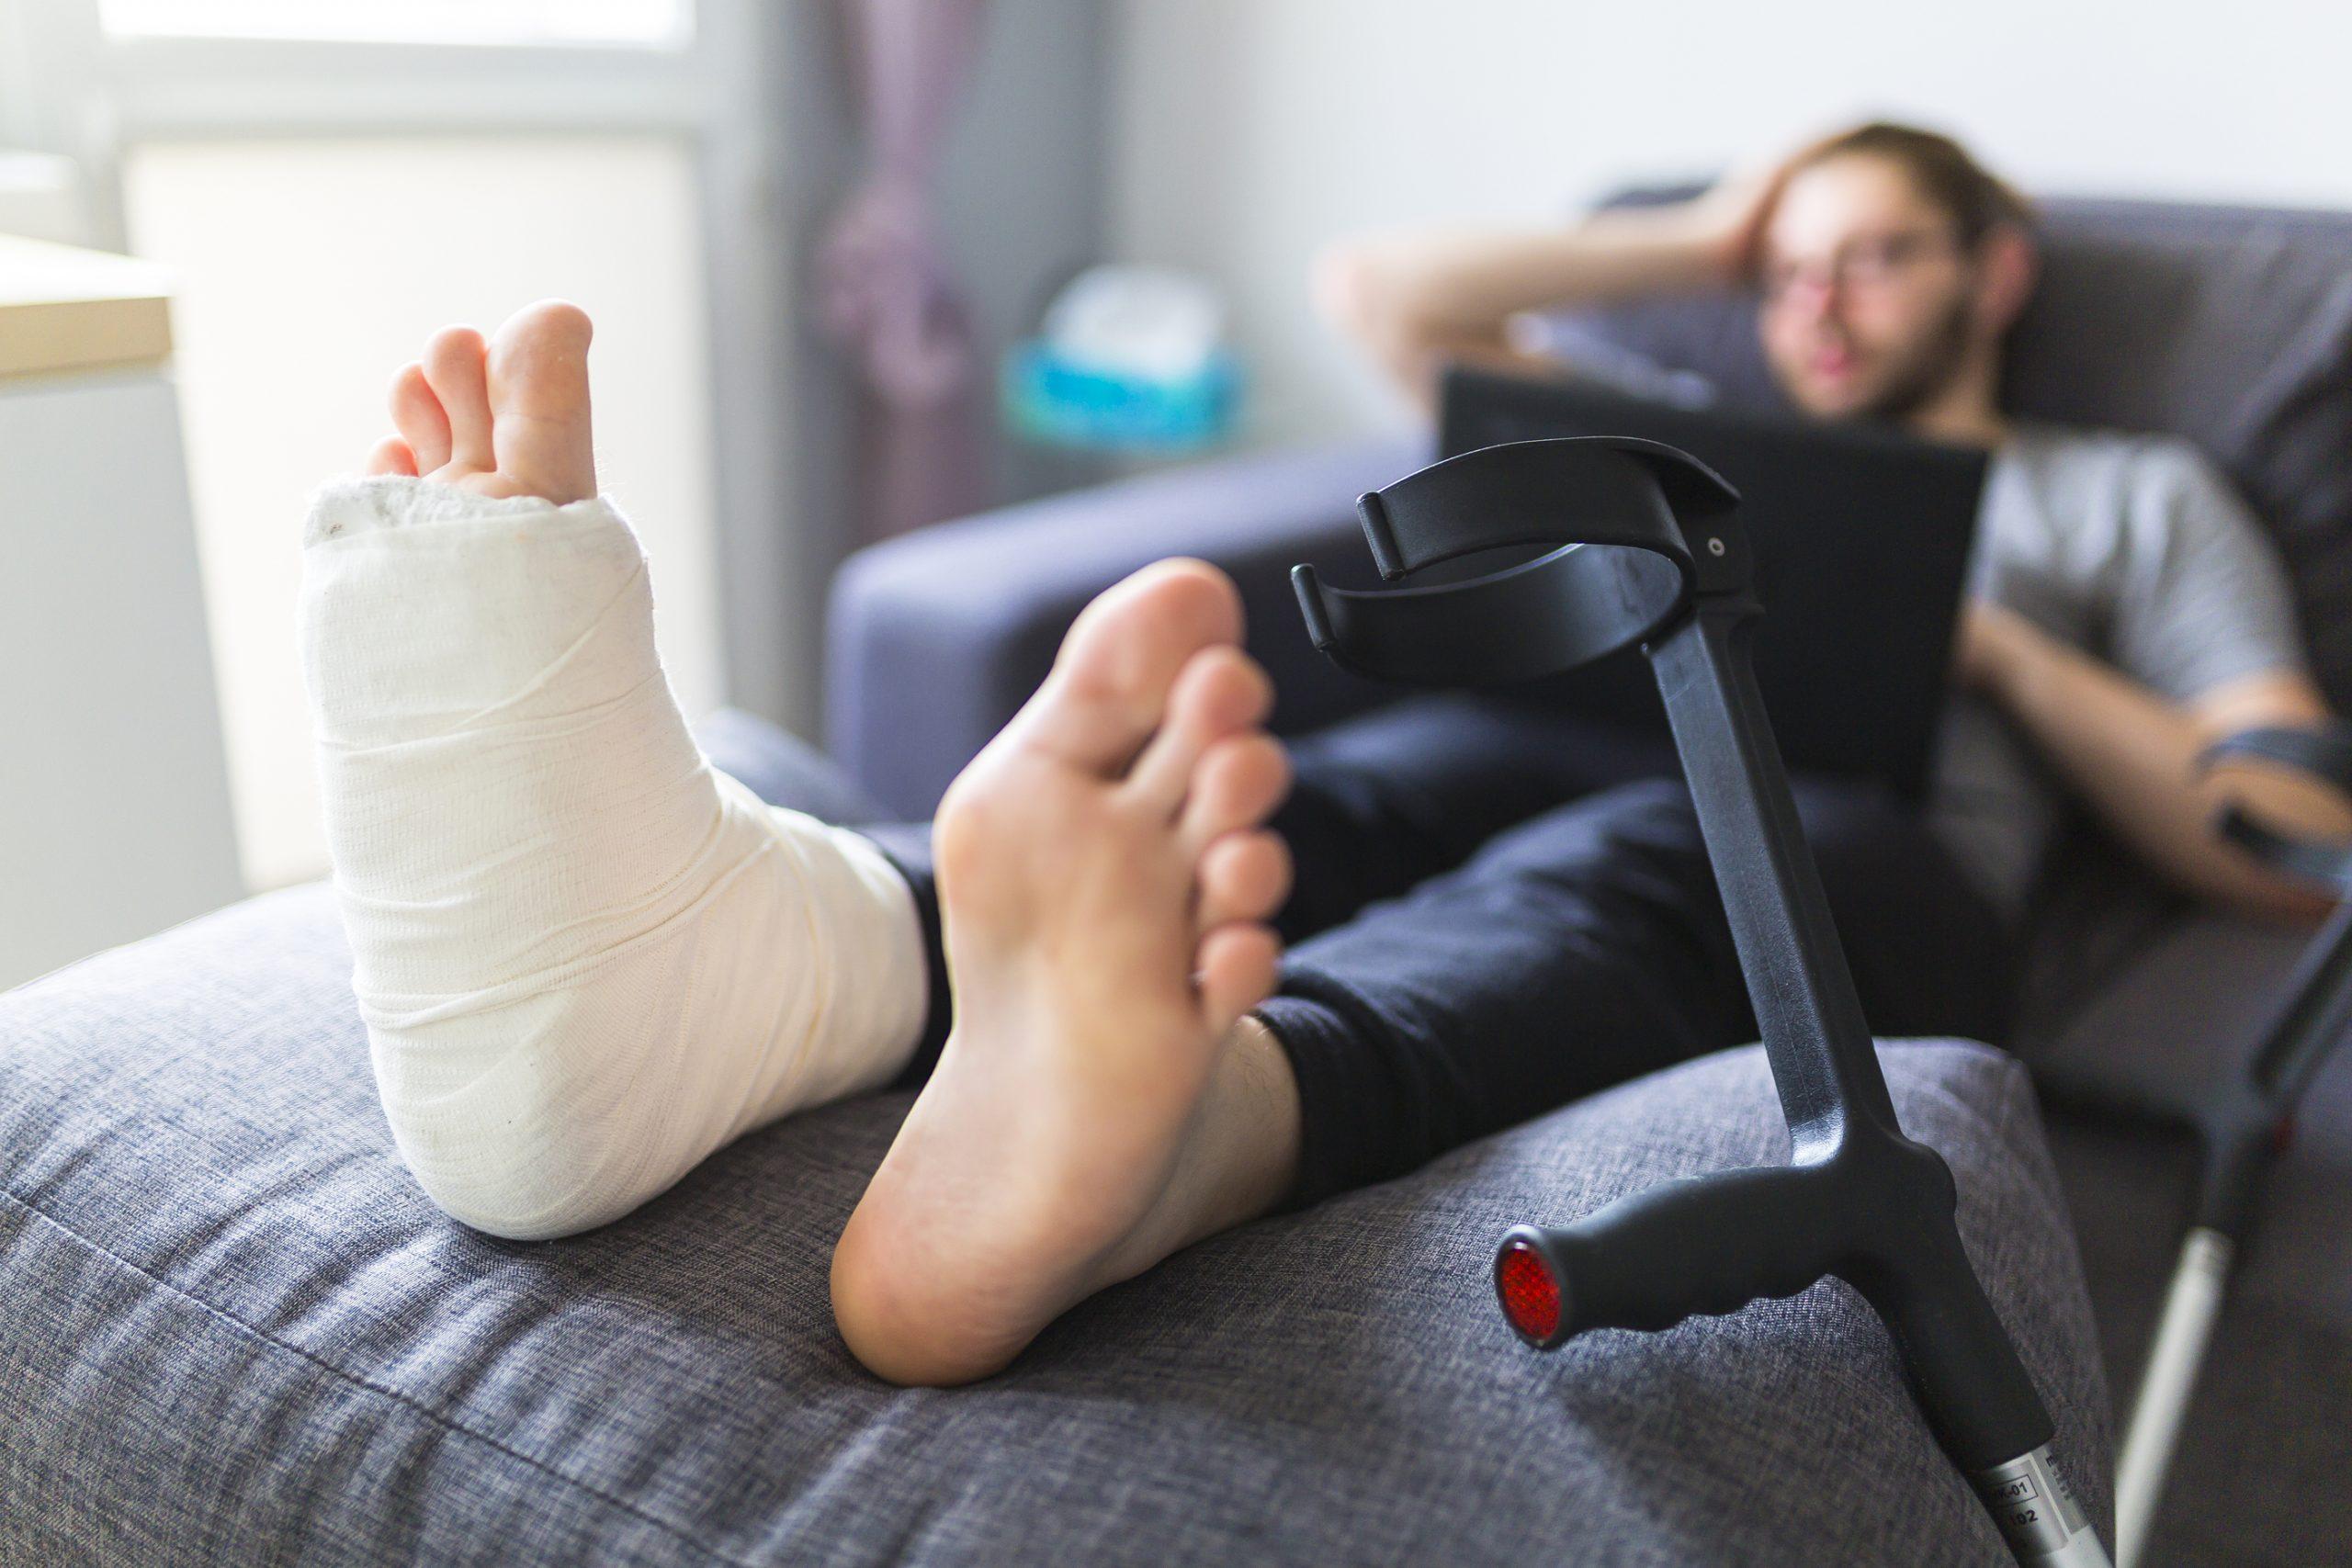 Katero nezgodno zavarovanje izbrati?